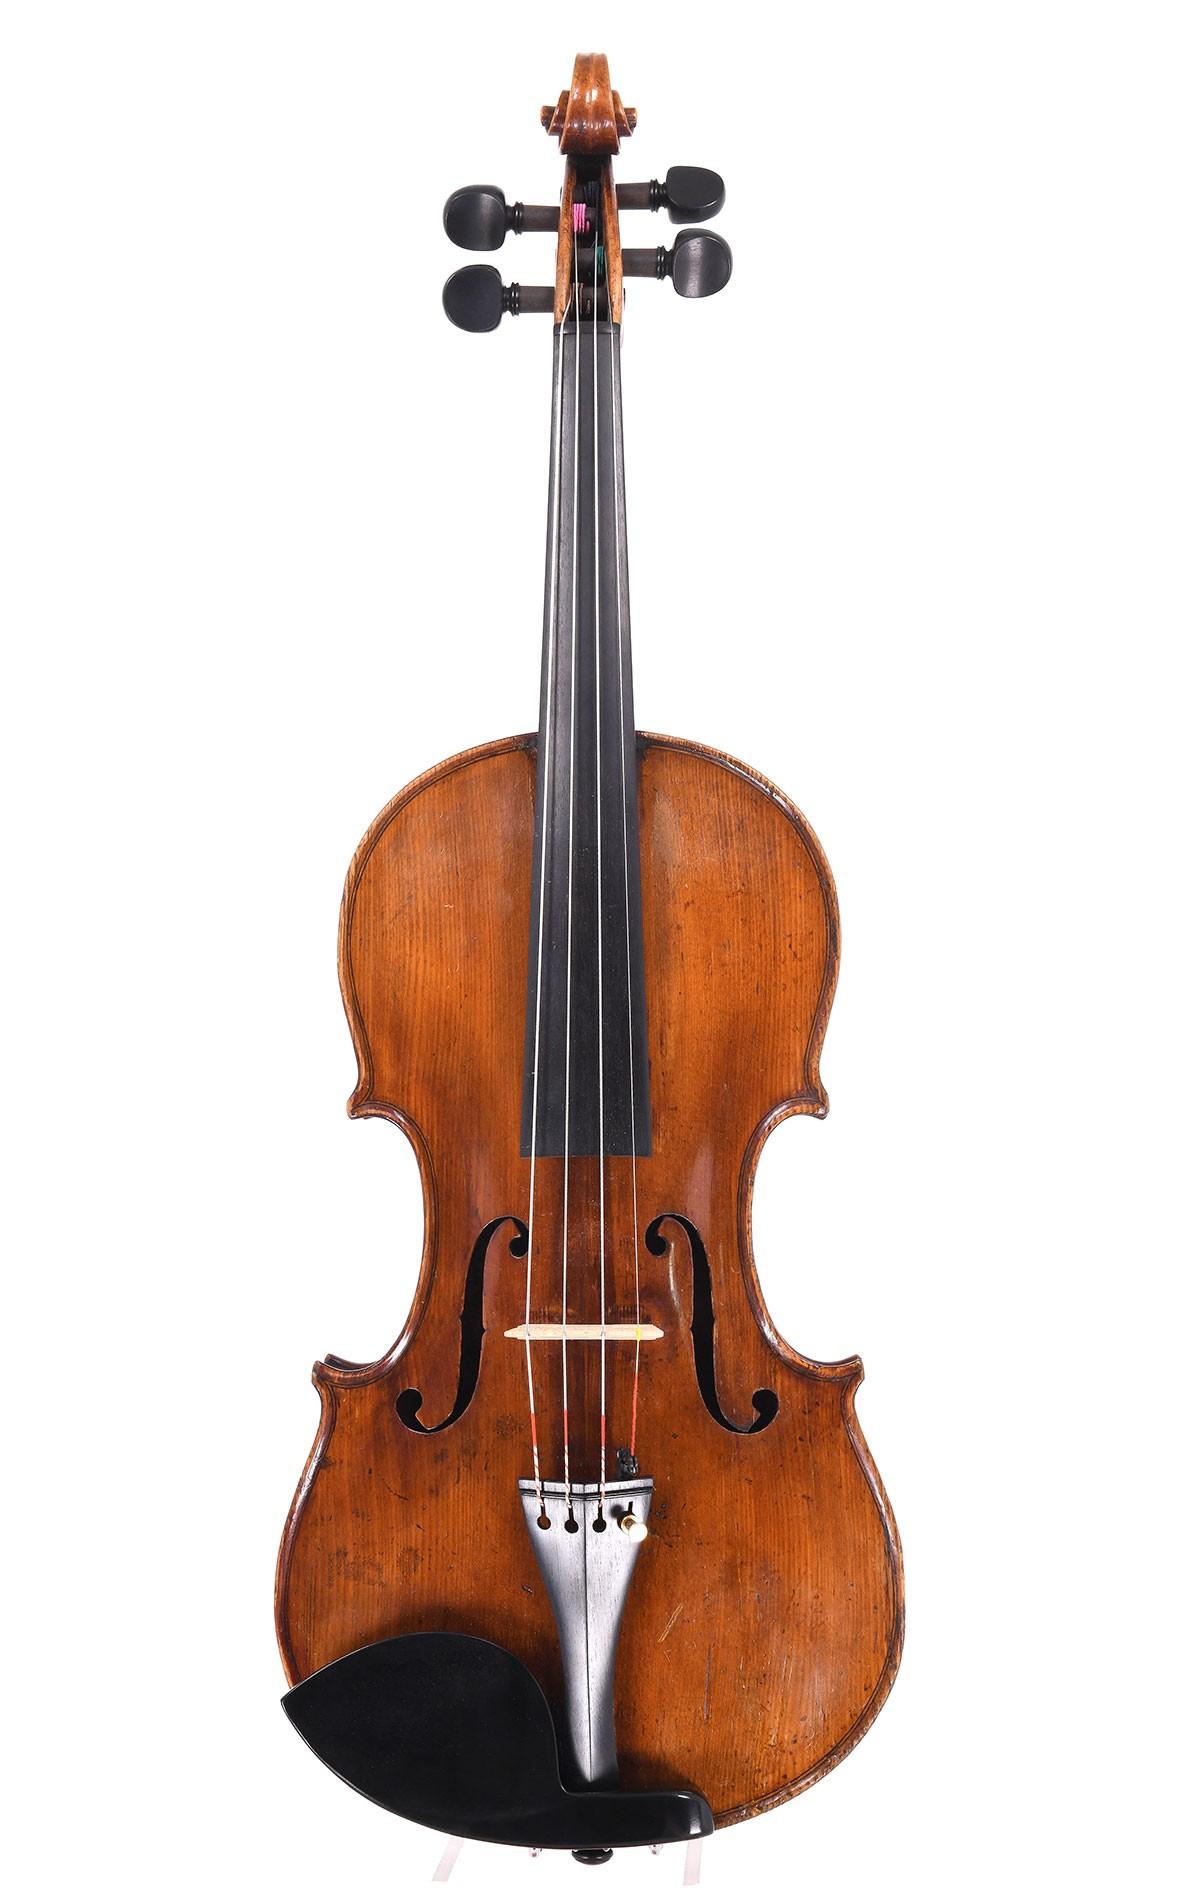 Eugene John Albert, Philadelphia - Violin maker